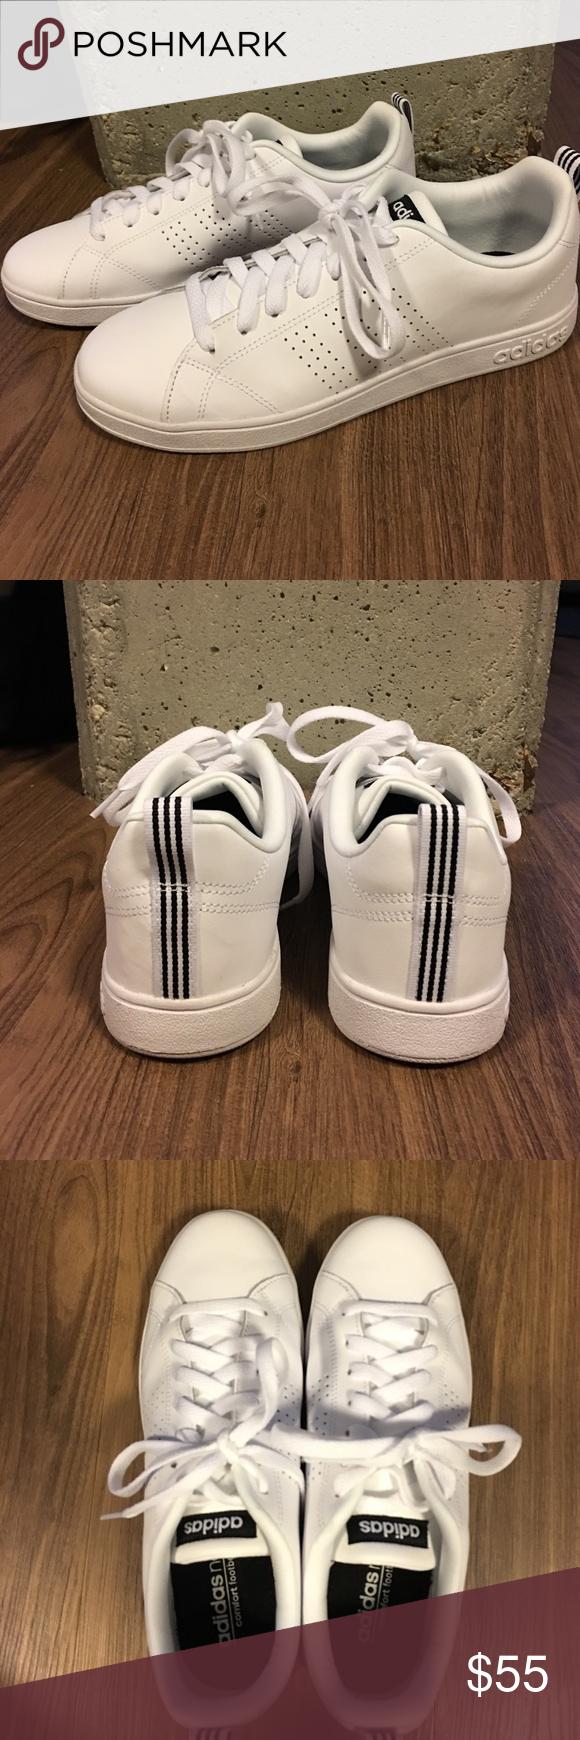 flash di vendita!! adidas neo vantaggio pulito scarpe adidas, scarpe da ginnastica